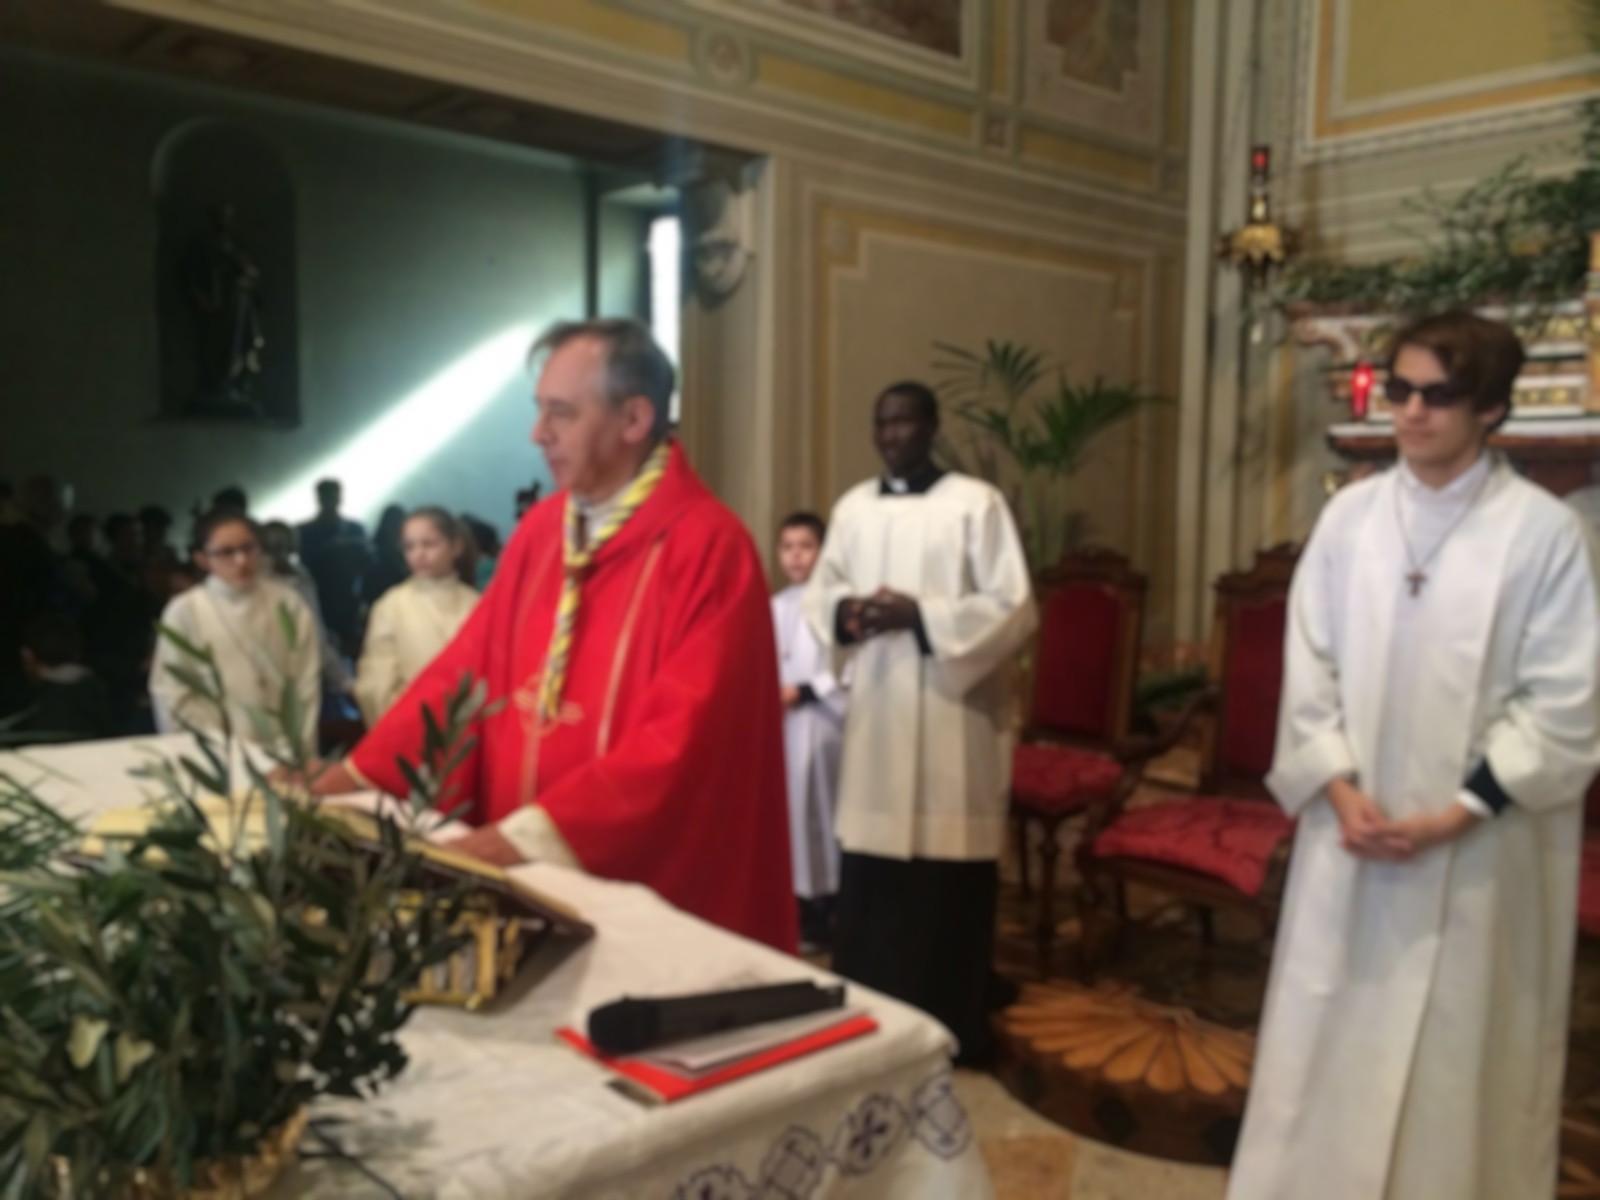 Don Mauro presso l'altare. Indossa la casula rossa, dopo aver portato quella viola durante tutta la Quaresima.